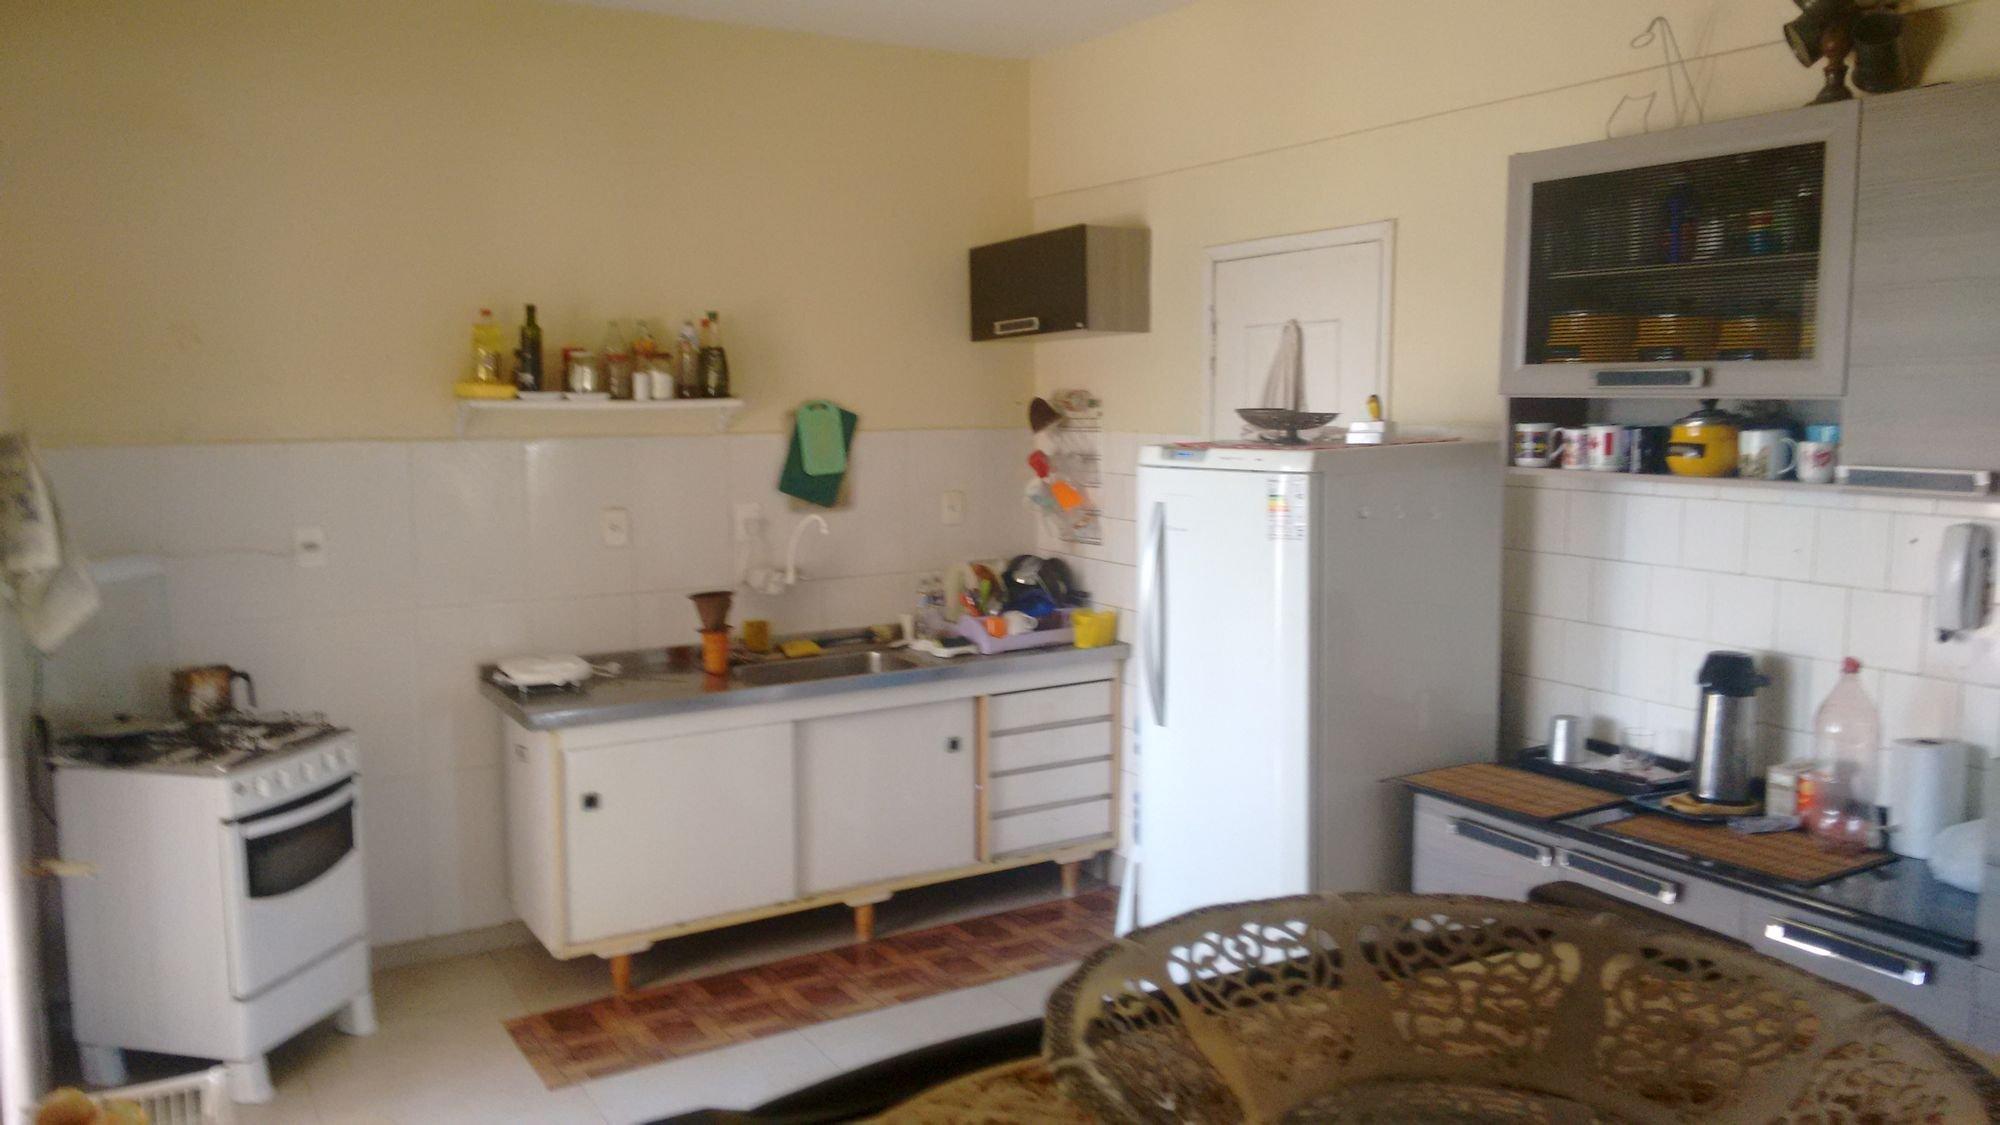 Foto de Cozinha com televisão, forno, pia, mesa de jantar, garrafa, geladeira, xícara